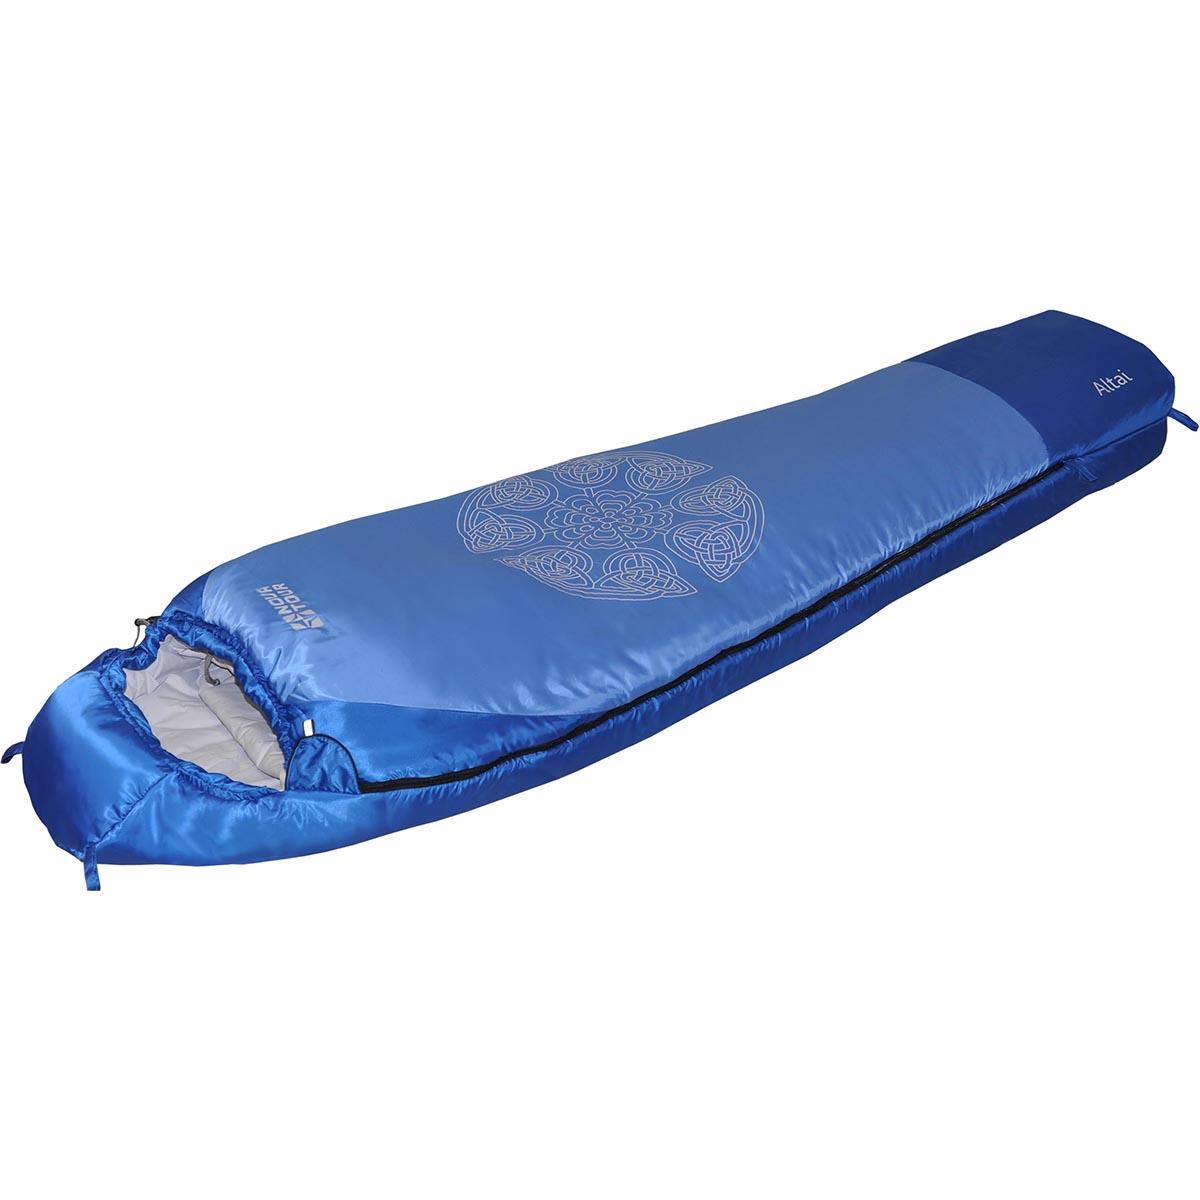 Мешок спальный NOVA TOUR Алтай -10 V2, цвет: синий, белый, правосторонняя молния спальный мешок nova tour крым 10 v2 95425 314 right